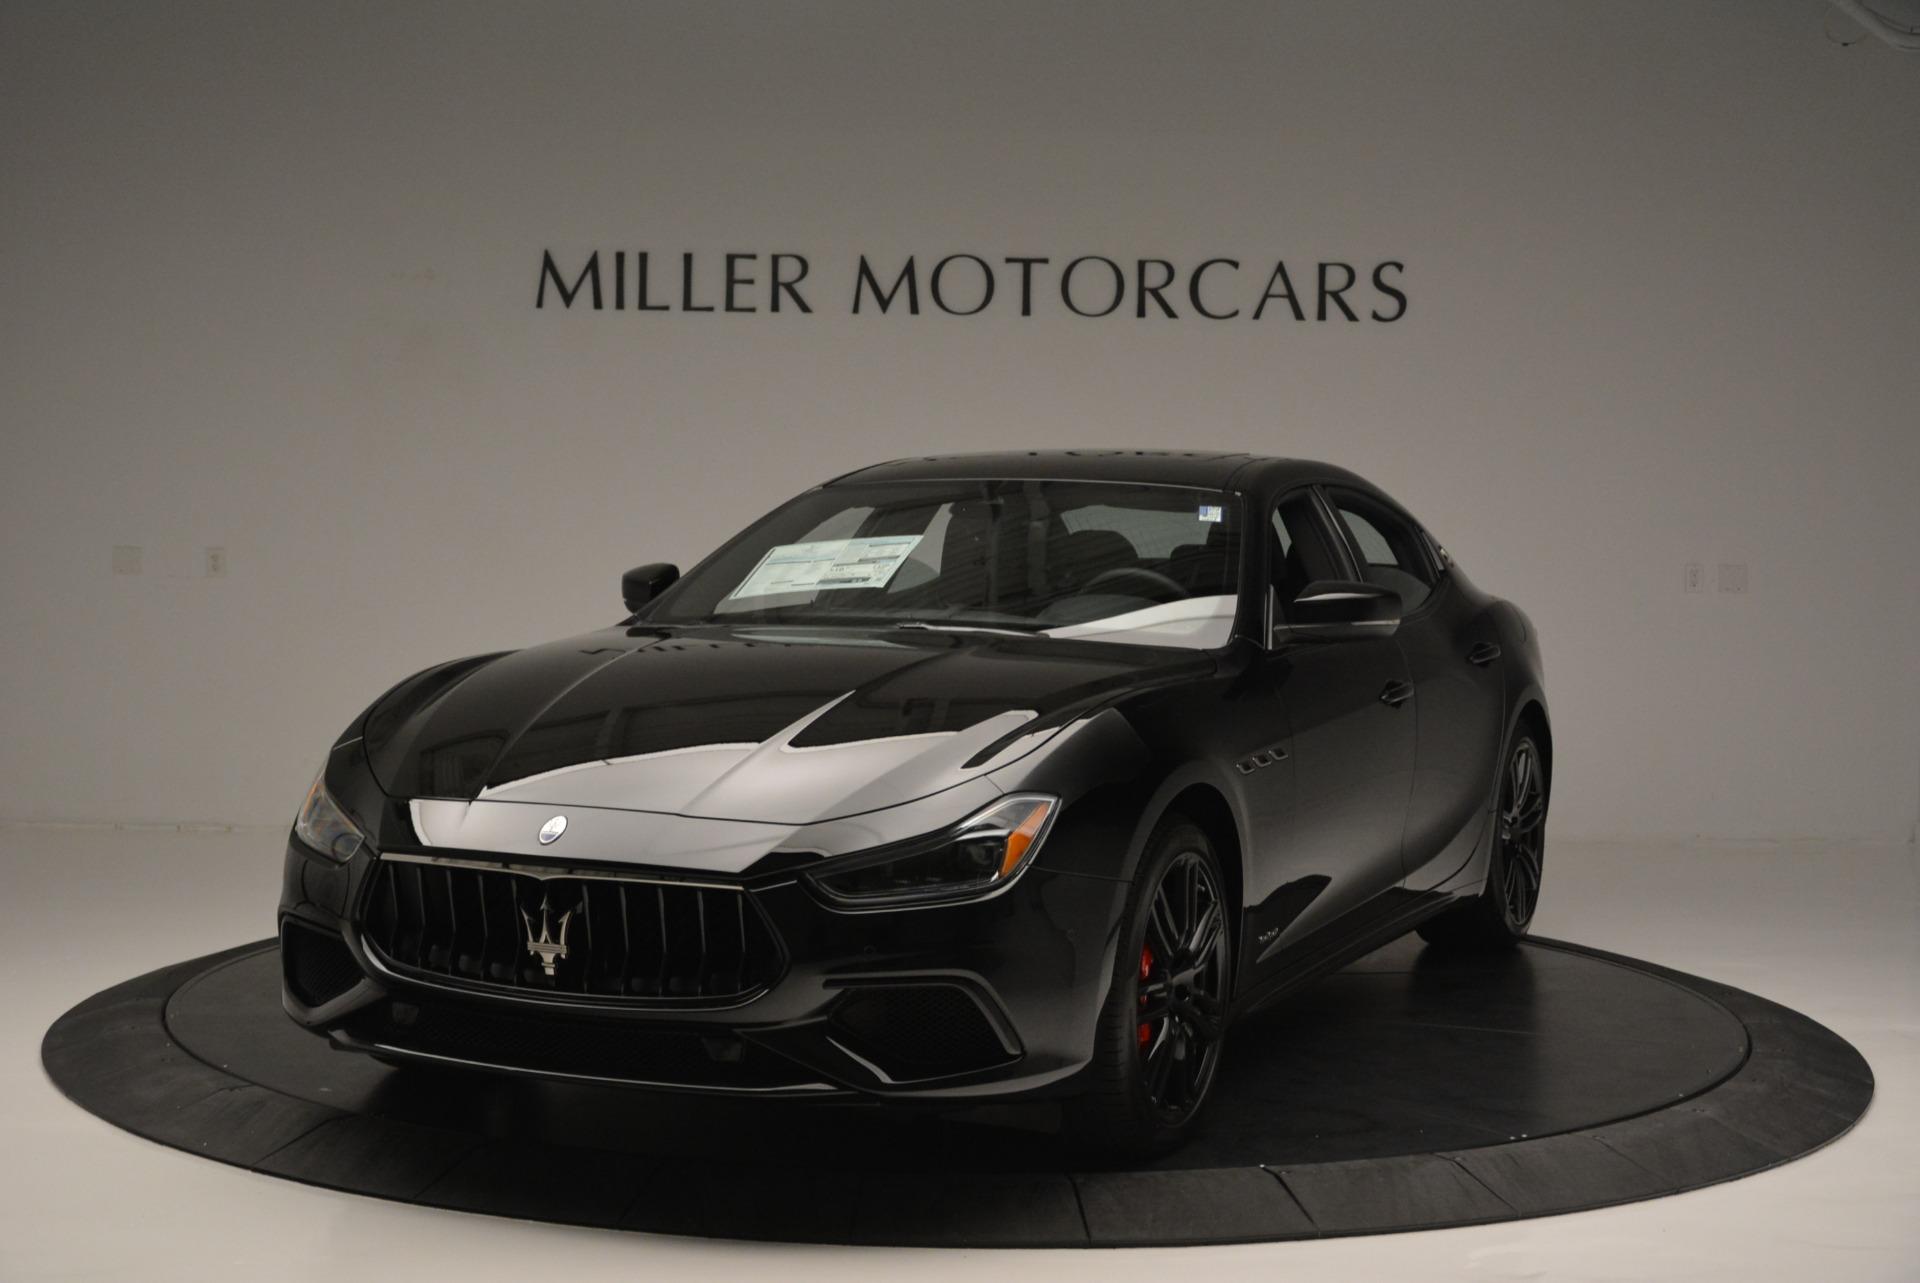 New 2018 Maserati Ghibli SQ4 GranSport Nerissimo For Sale In Greenwich, CT. Alfa Romeo of Greenwich, M2171 2366_main